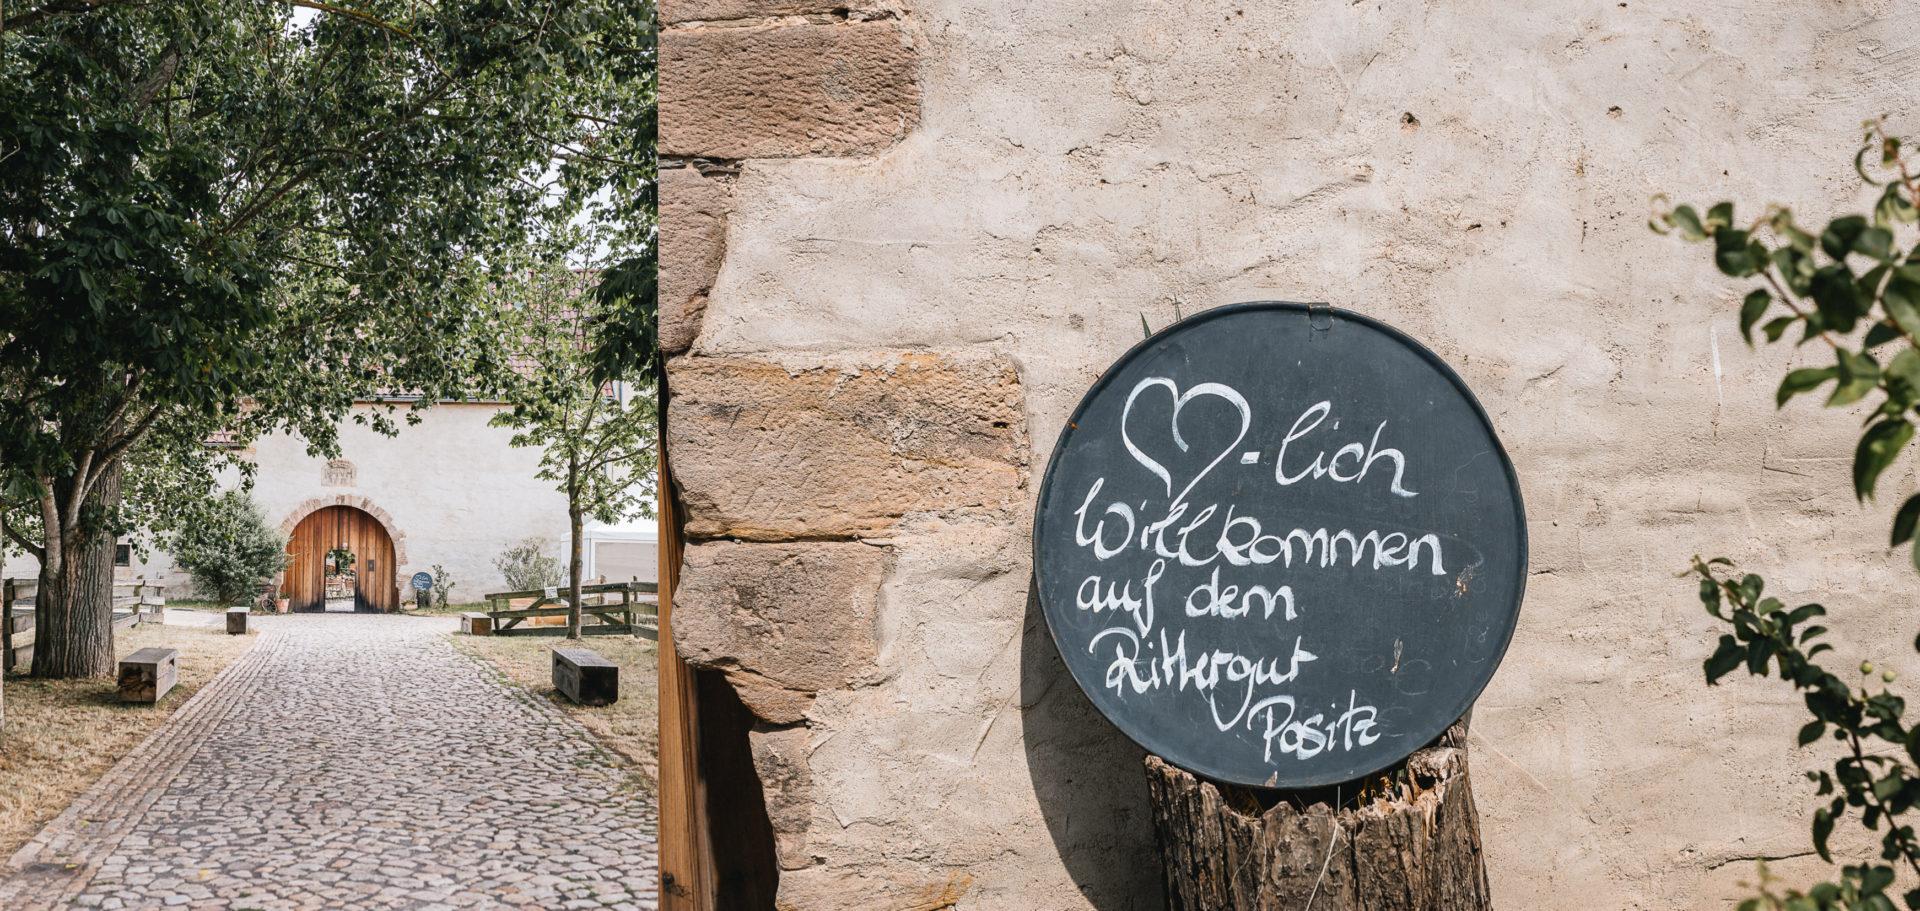 Hochzeitsreportage, Portfolio | Hochzeit auf dem Rittergut Positz | 28